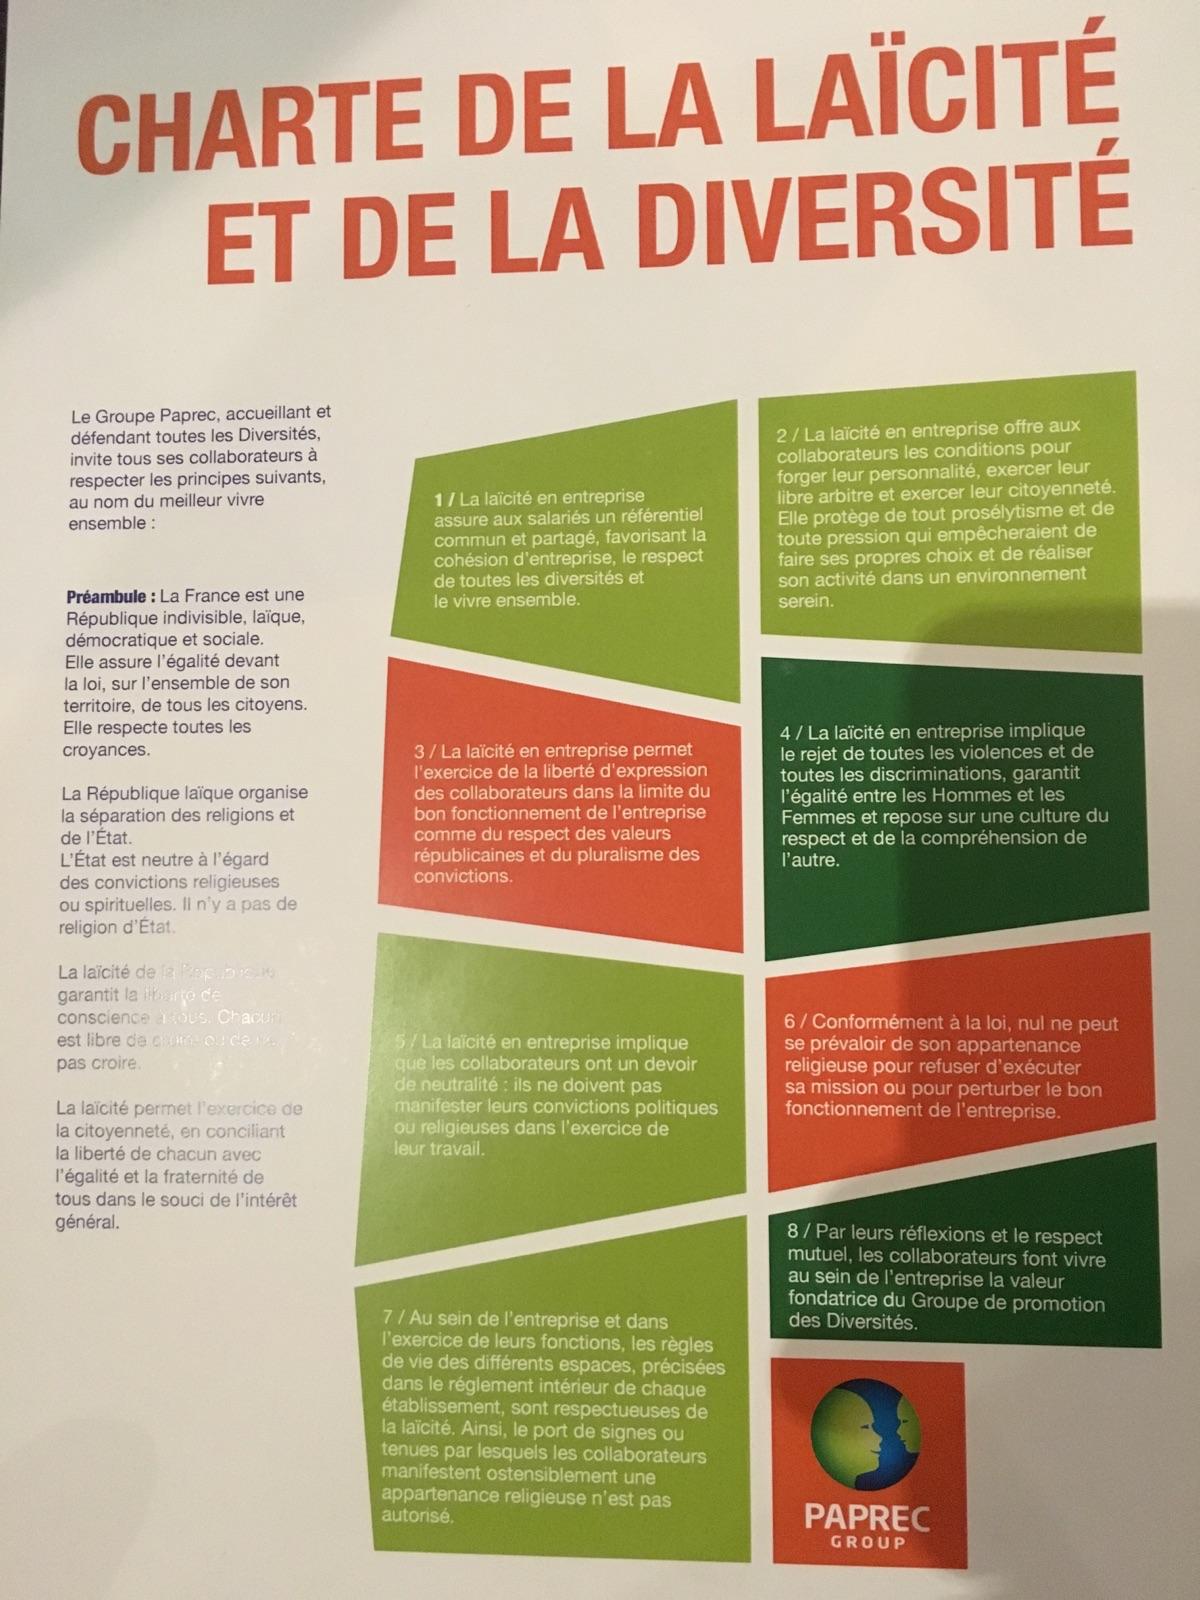 charte-de-la-laicite-federation-udi-metropole-de-lyon